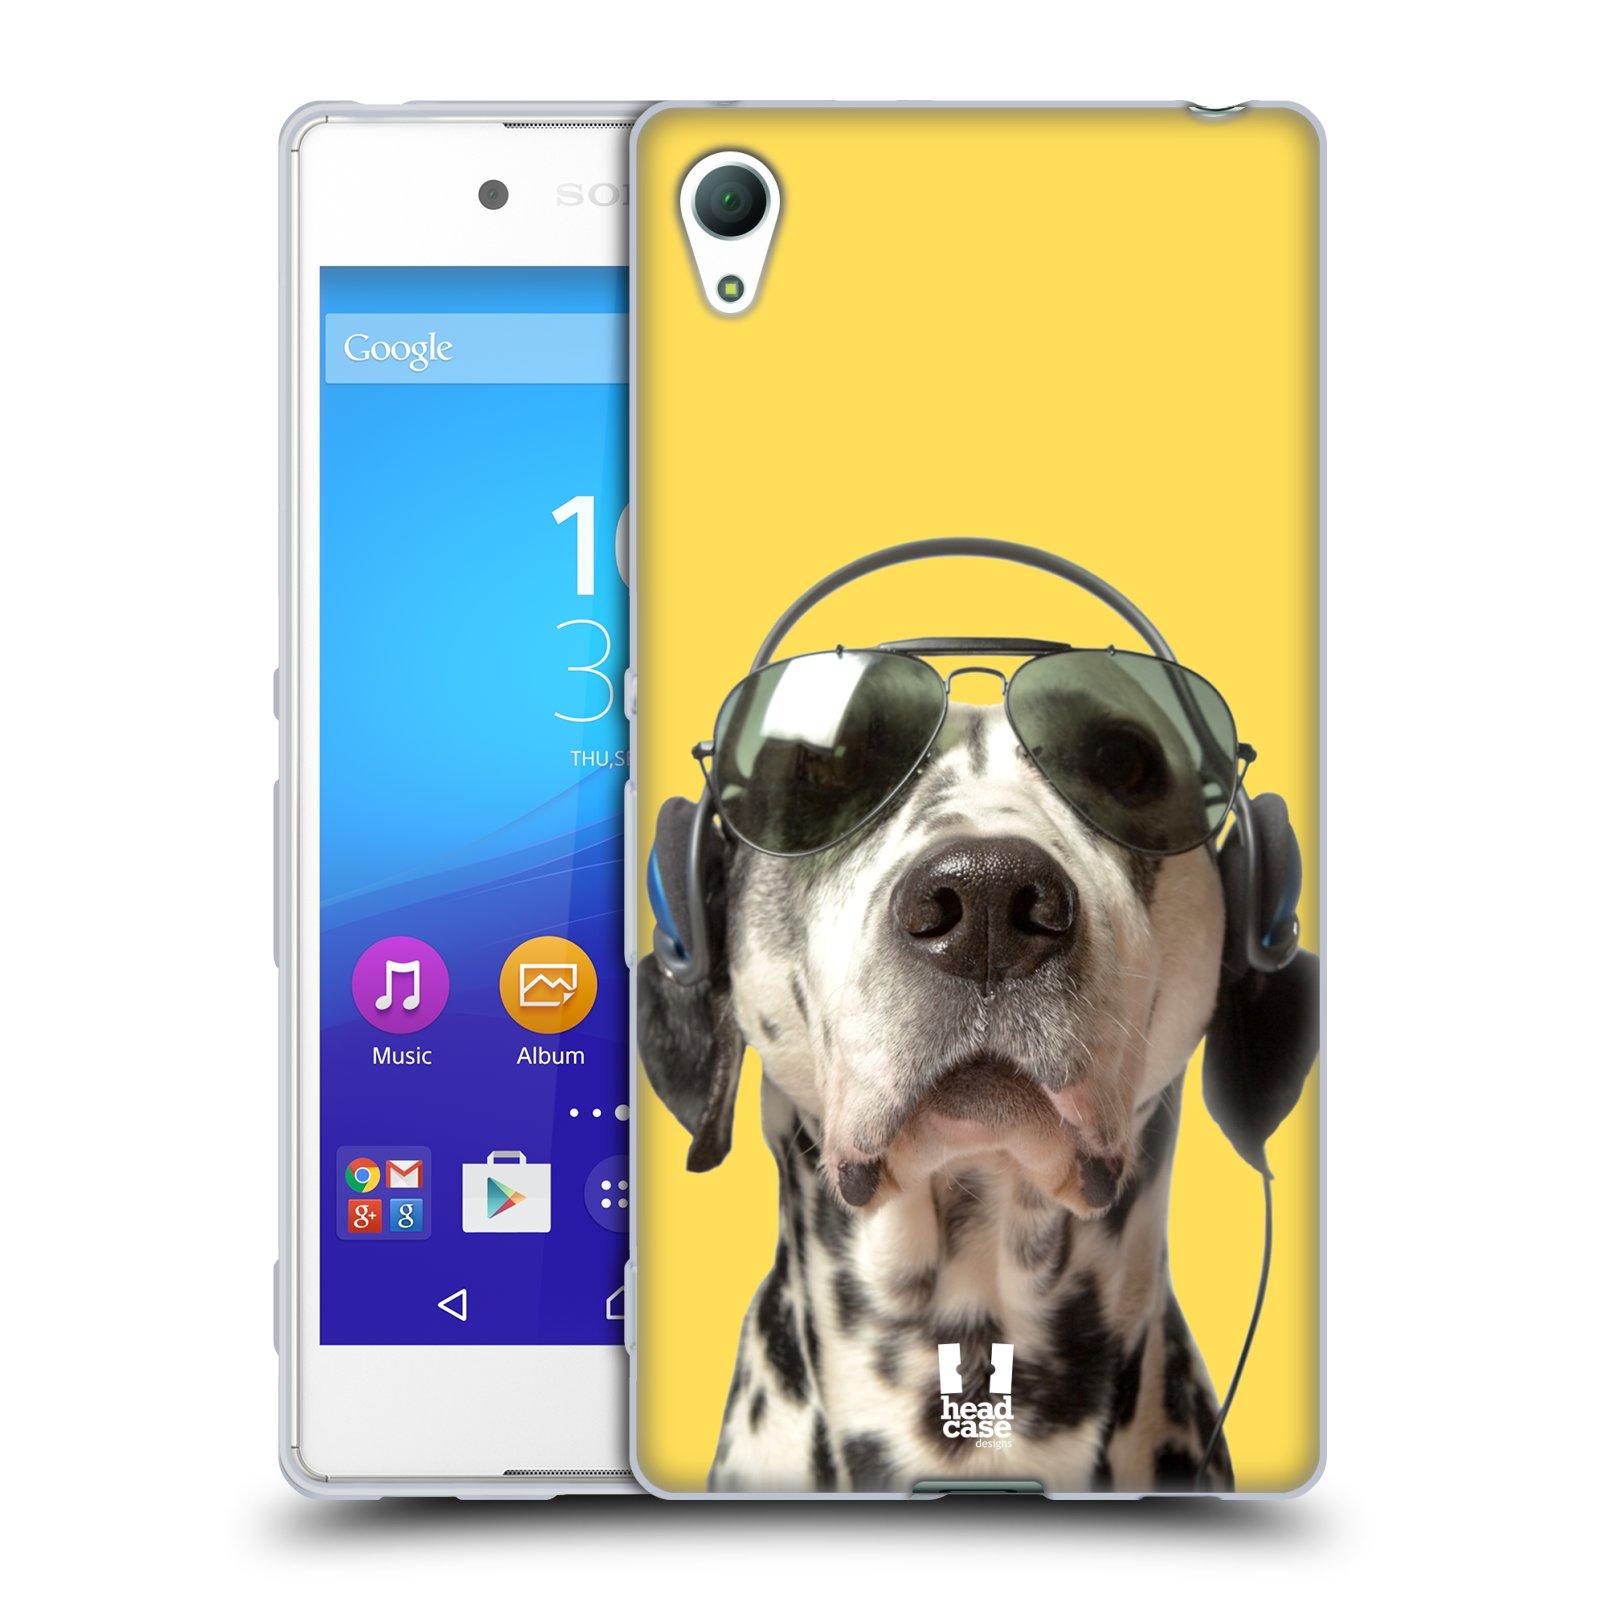 HEAD CASE silikonový obal na mobil Sony Xperia Z3 + (PLUS) vzor Legrační zvířátka dalmatin se sluchátky žlutá